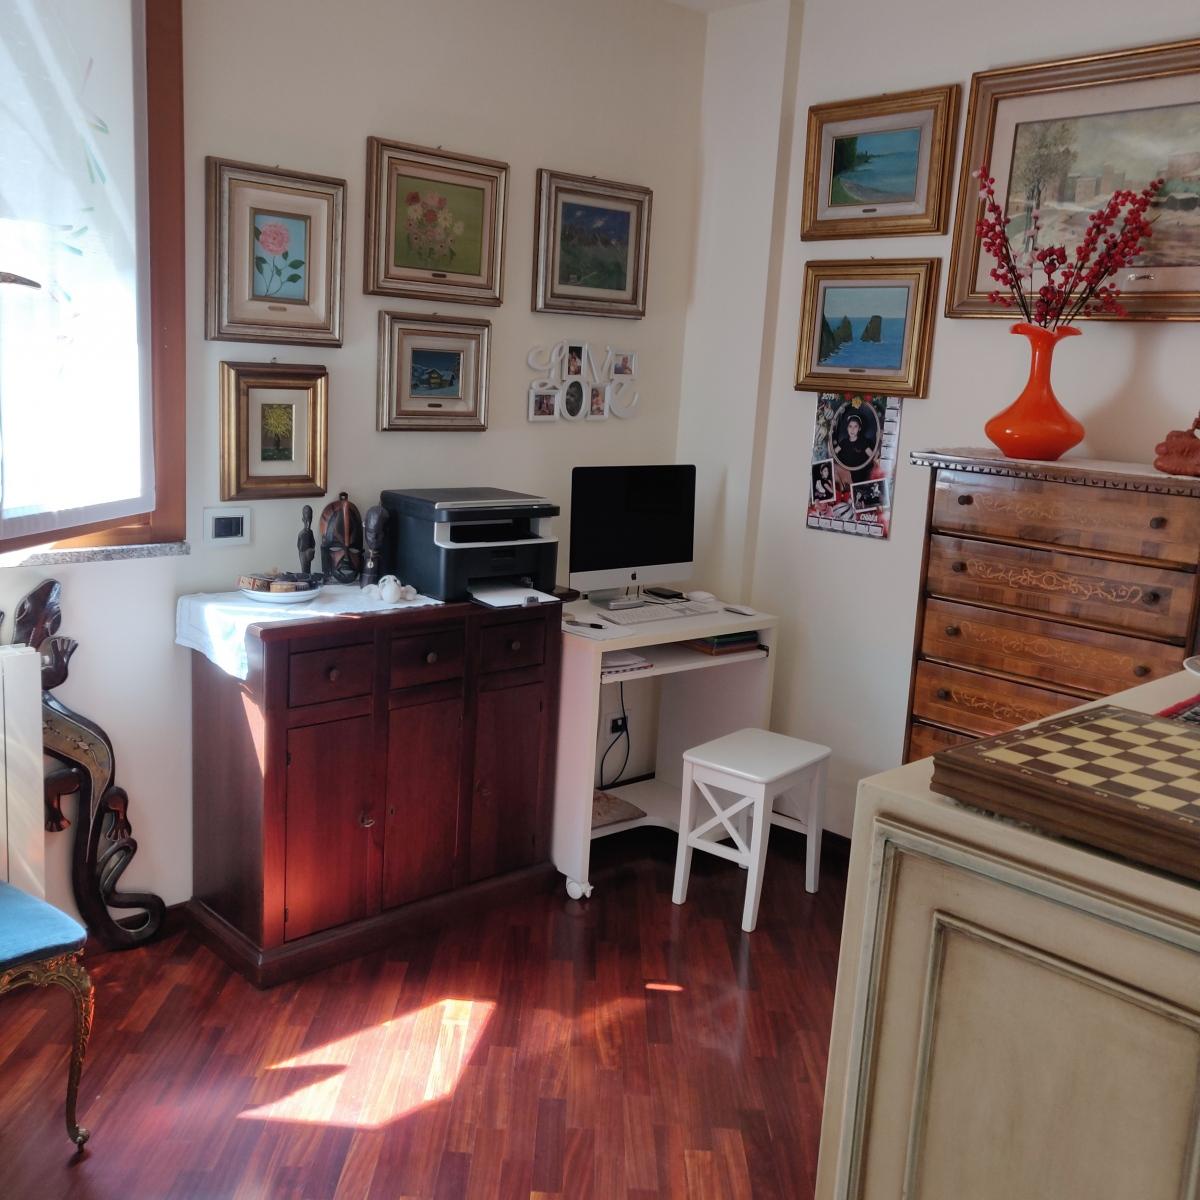 appartamento-in-vendita-a-baggio-via-cassolnovo-bagarotti-3-locali-milano-trilocale-spaziourbano-immobiliare-vende-8